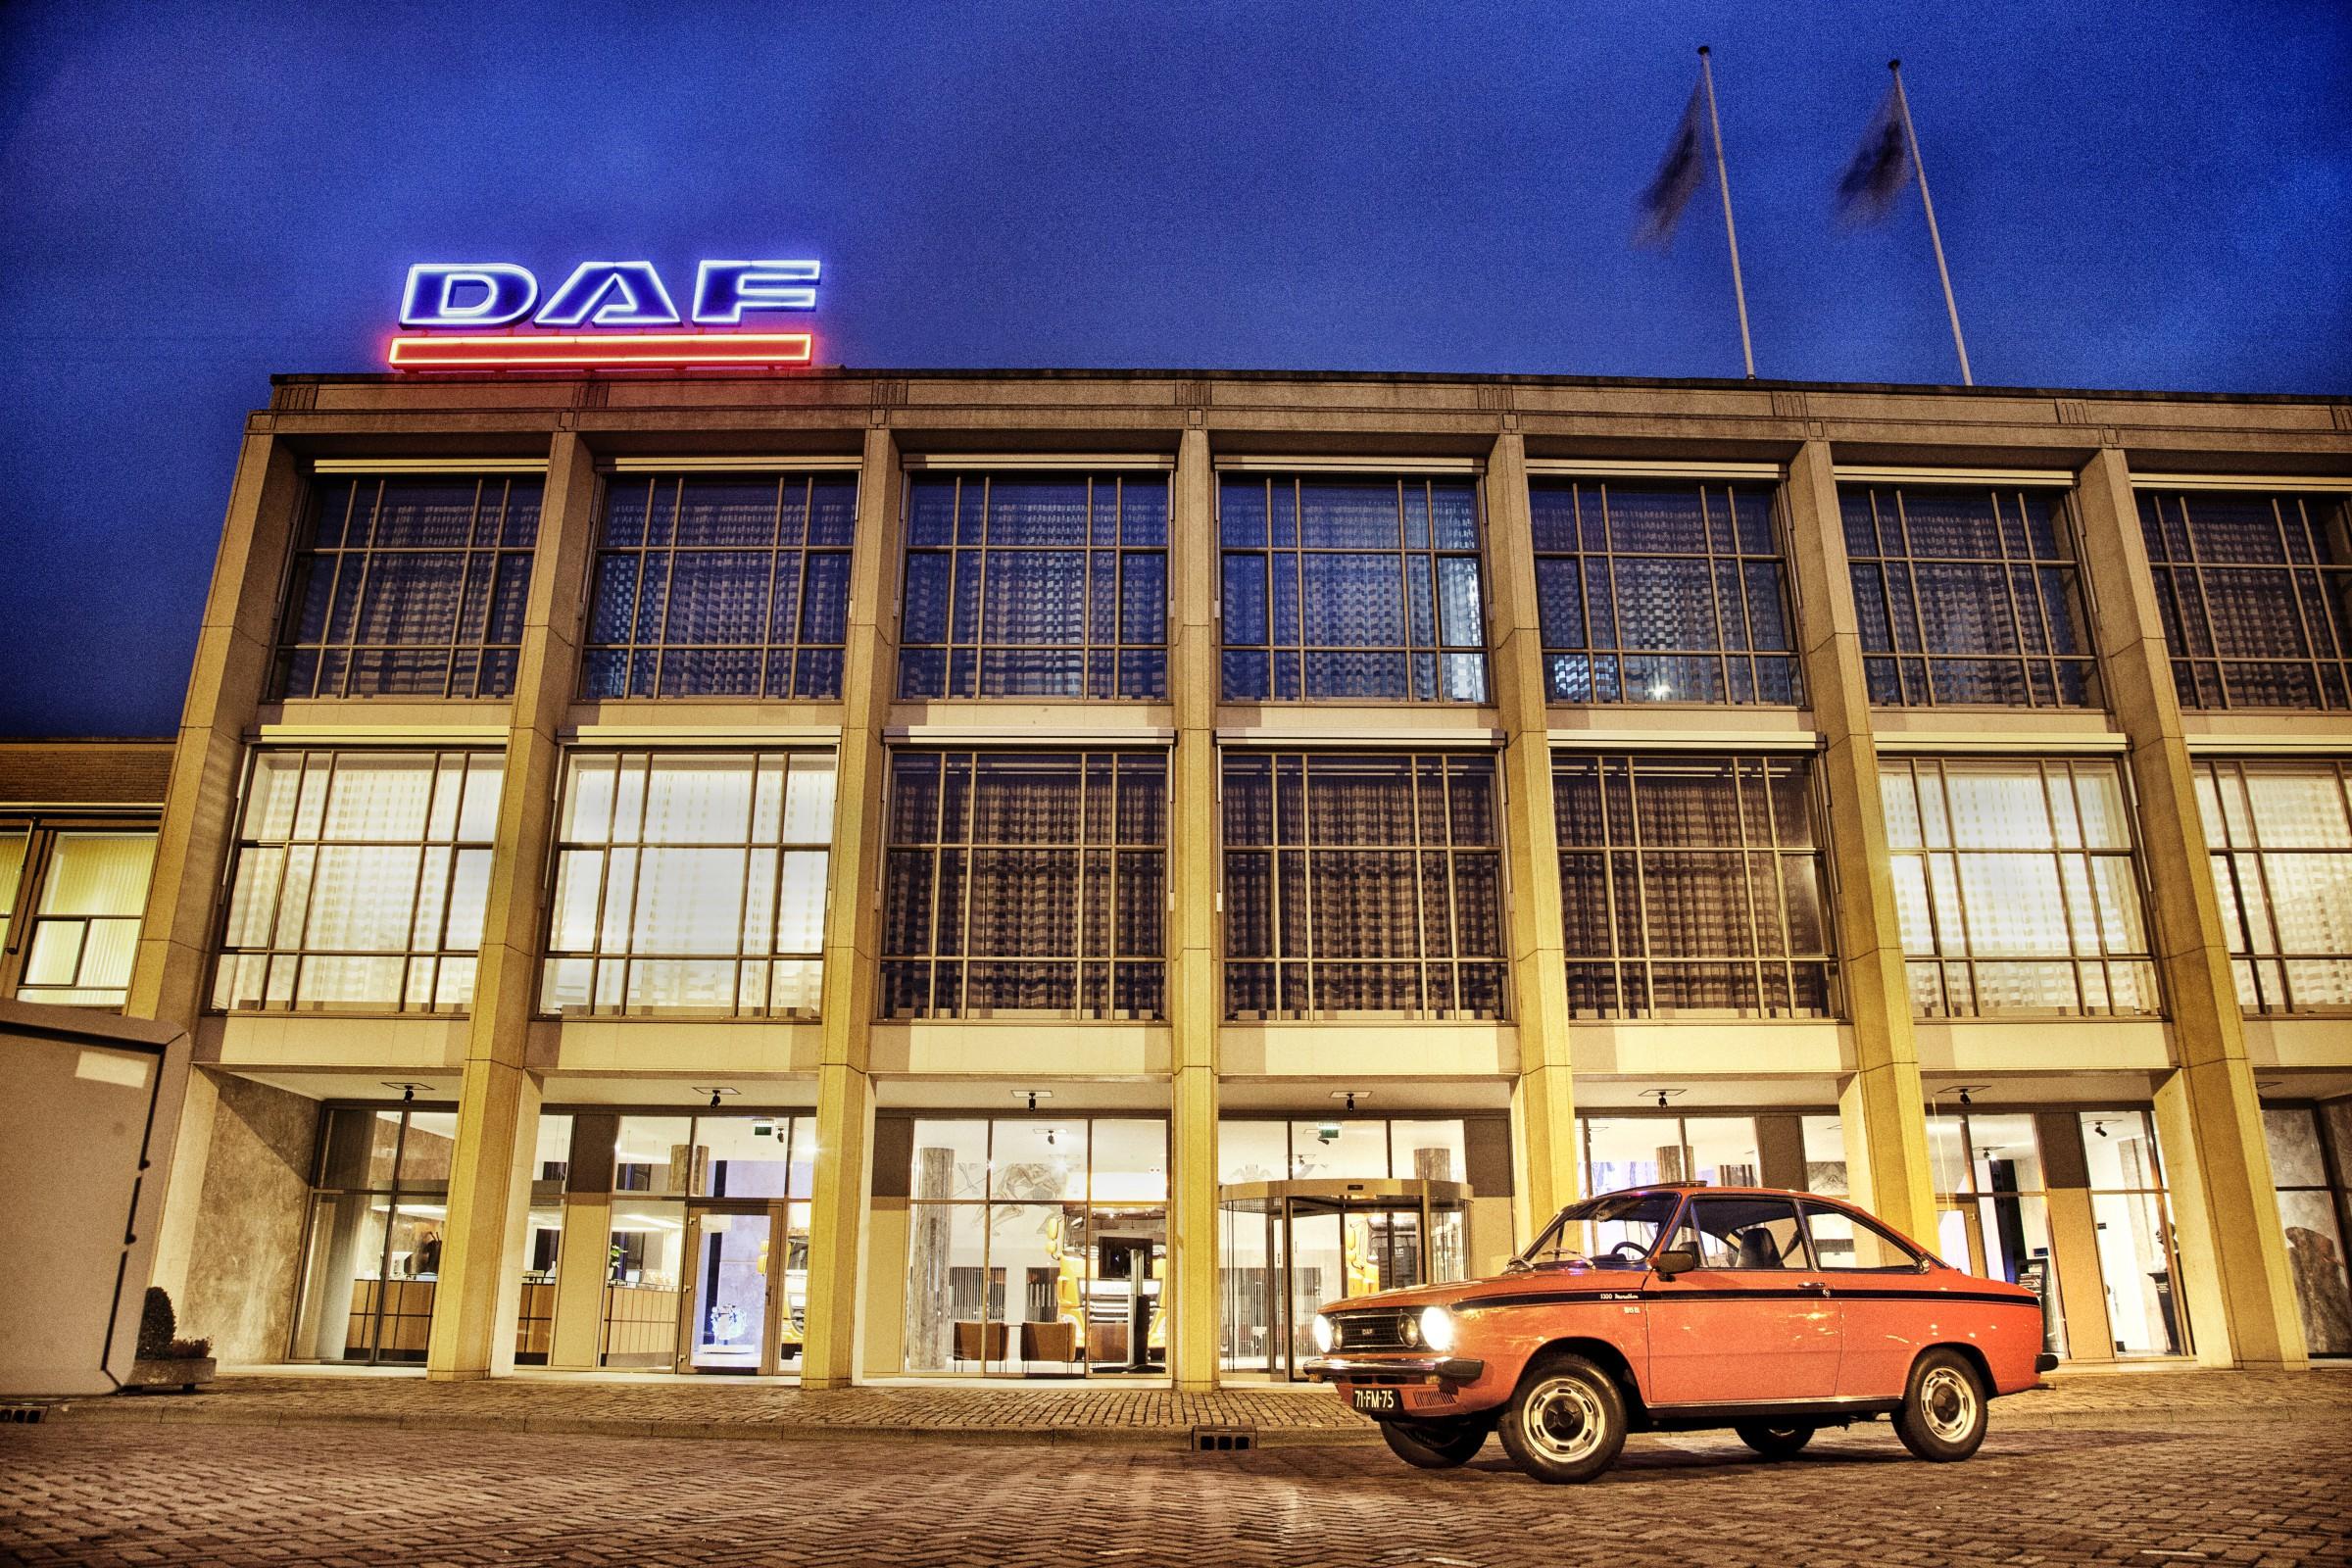 Daf 66 bij de Daf-fabriek in Eindhoven.